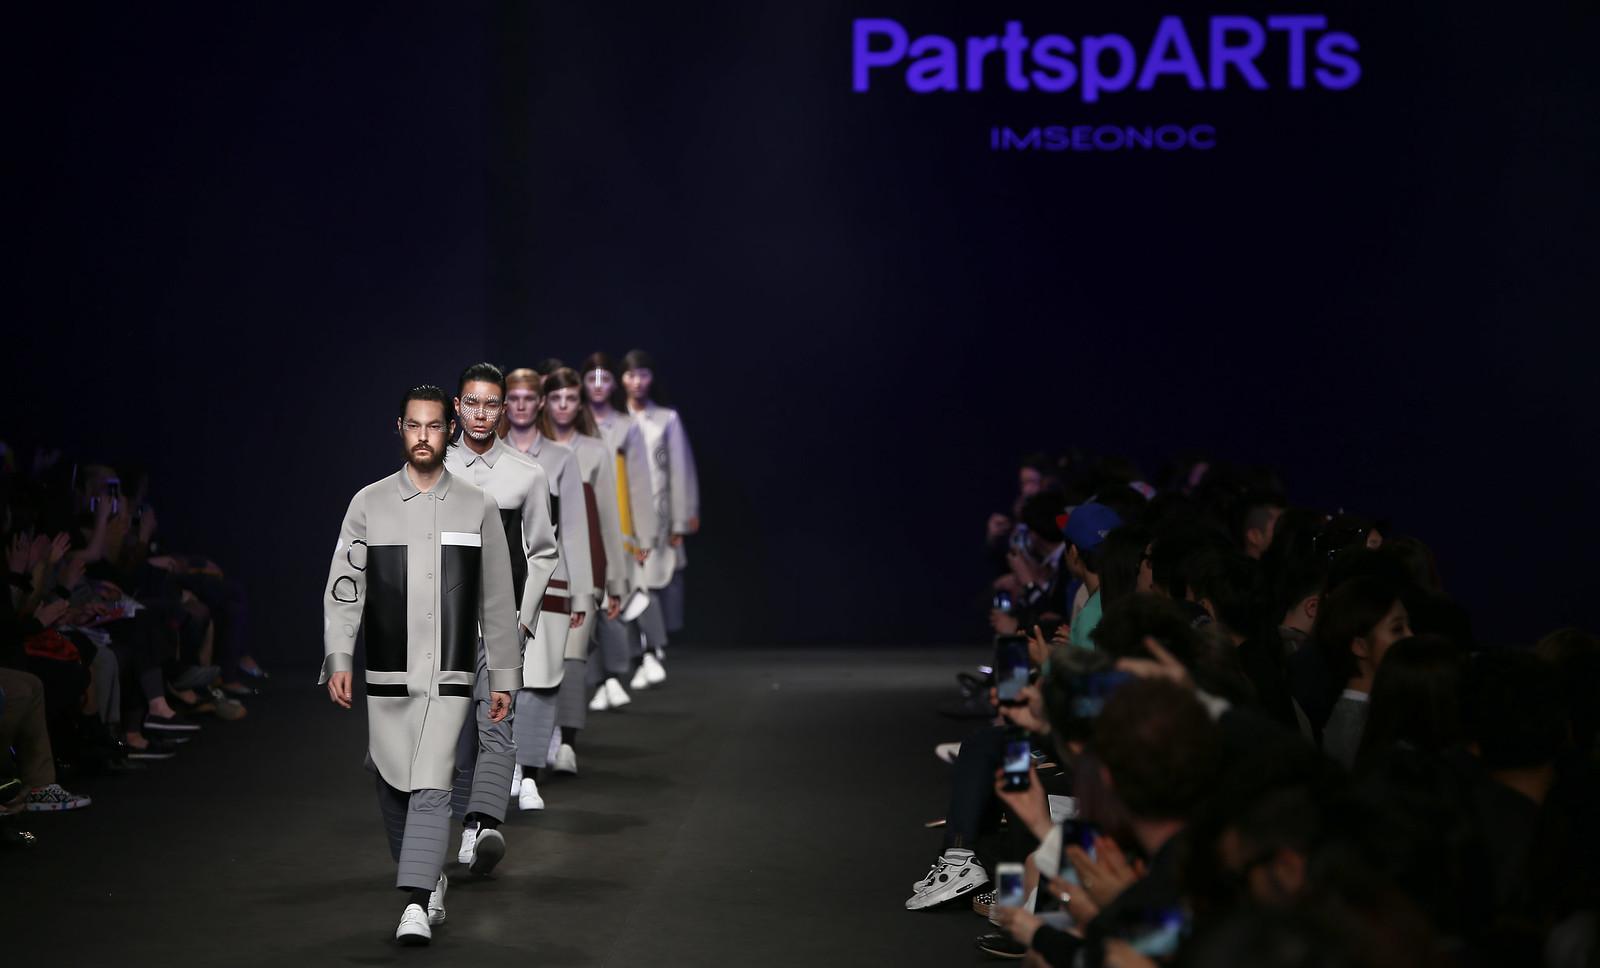 PartspArts-46